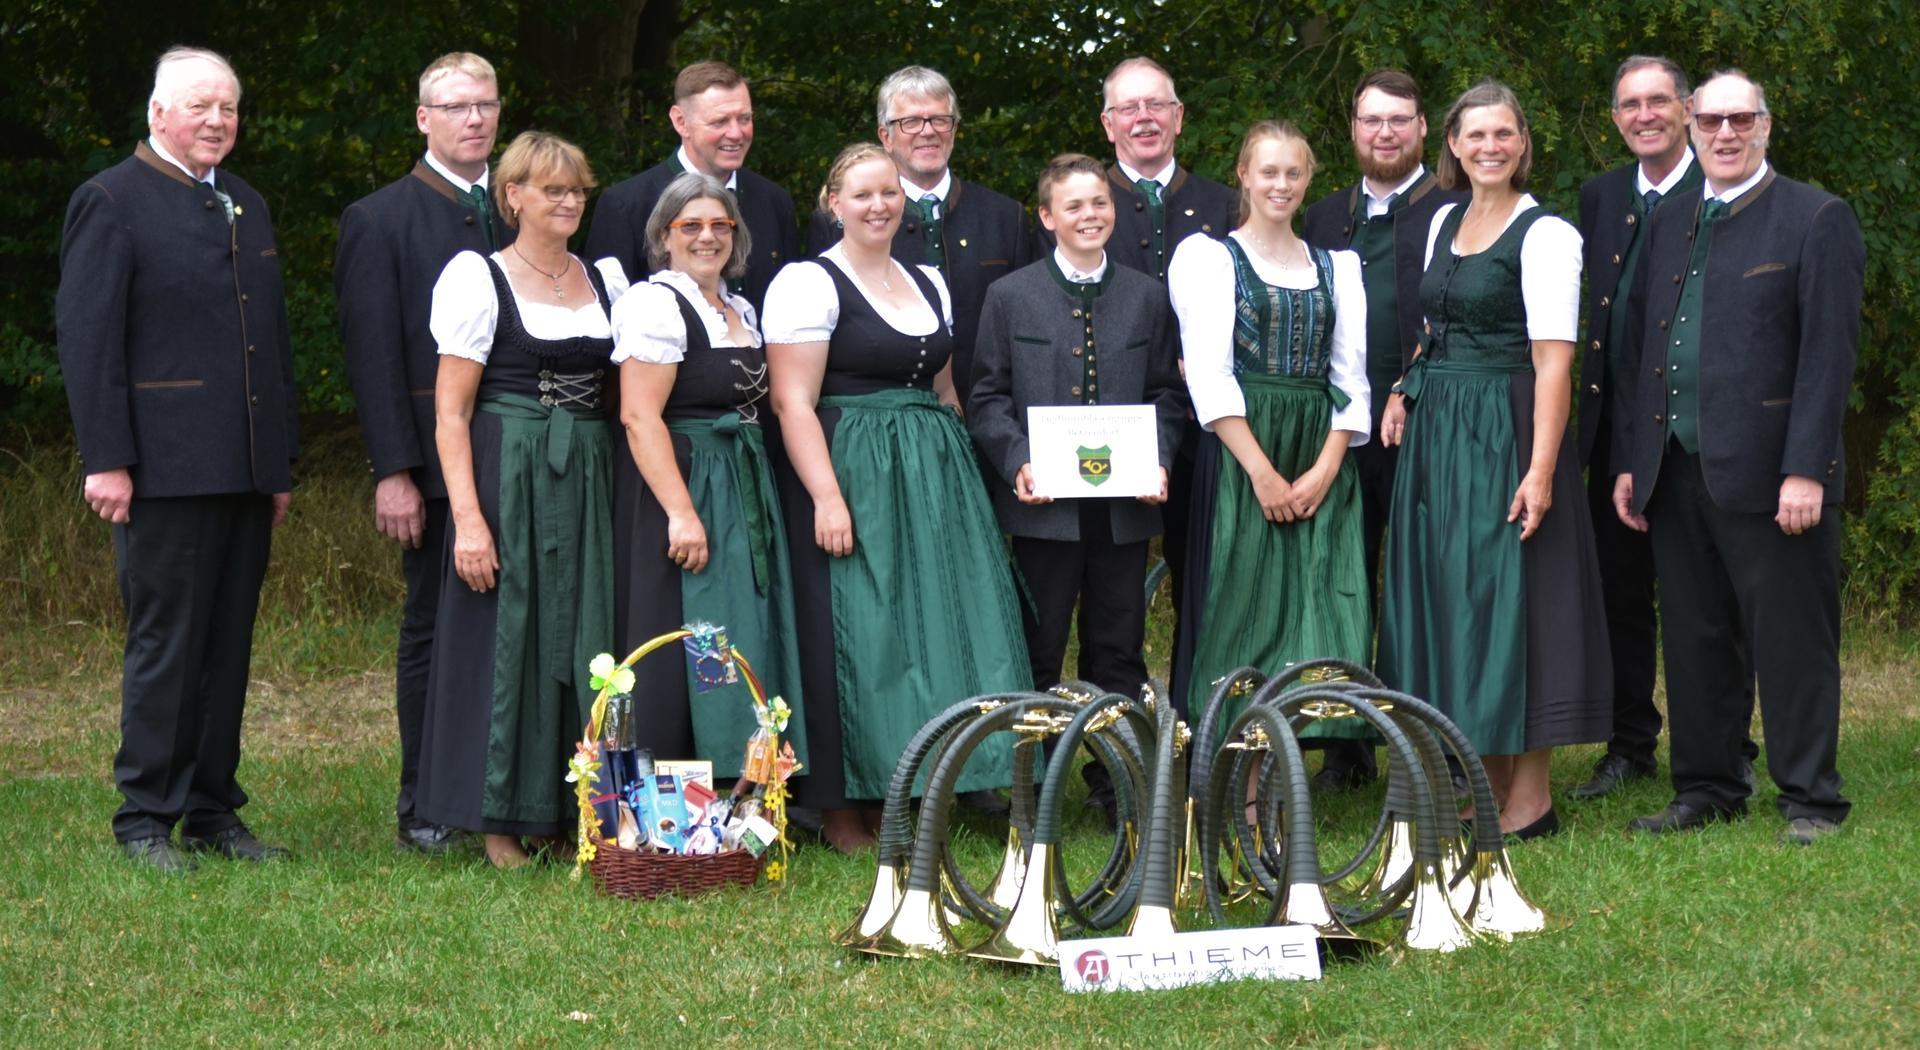 JagdhornblaeserBetzendorf-Sieger-Soegel-2019